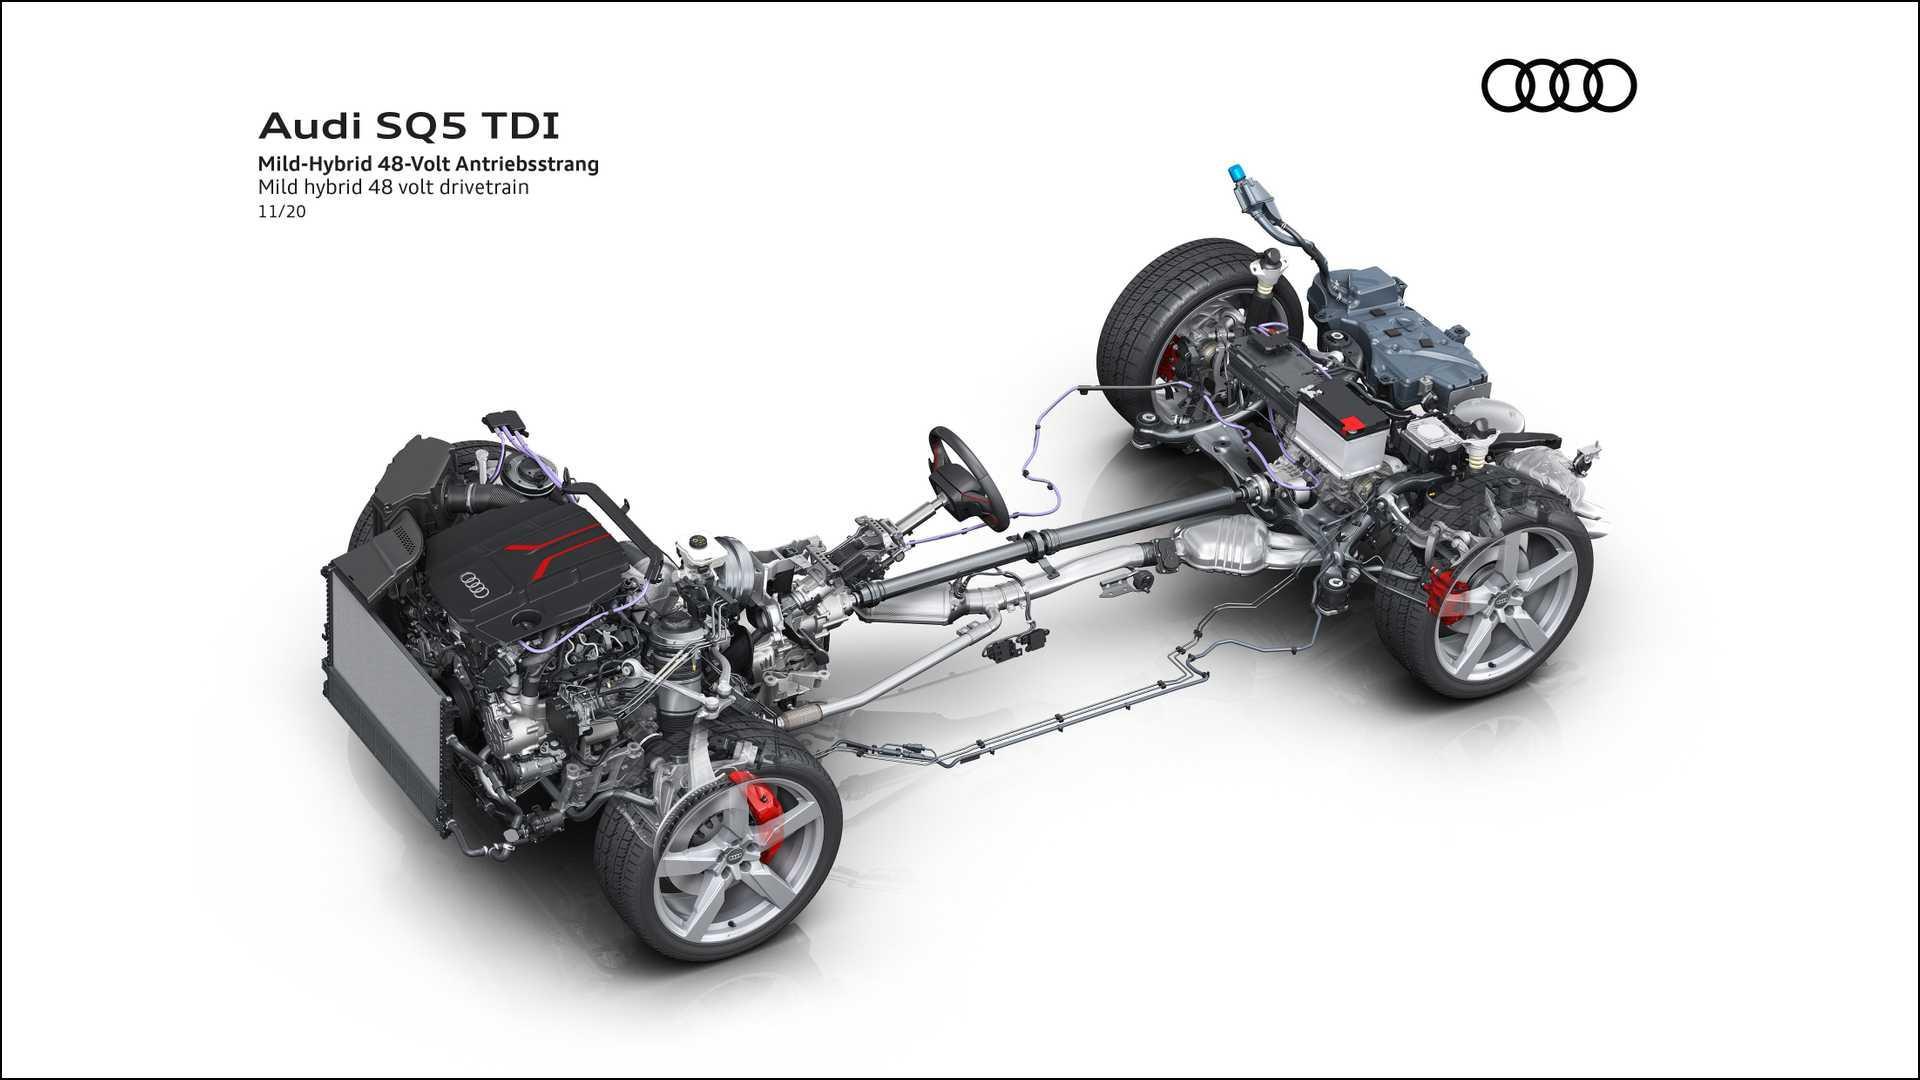 柴油SUV也能搞高性能 新款奥迪SQ5 TDI零百仅5.1s